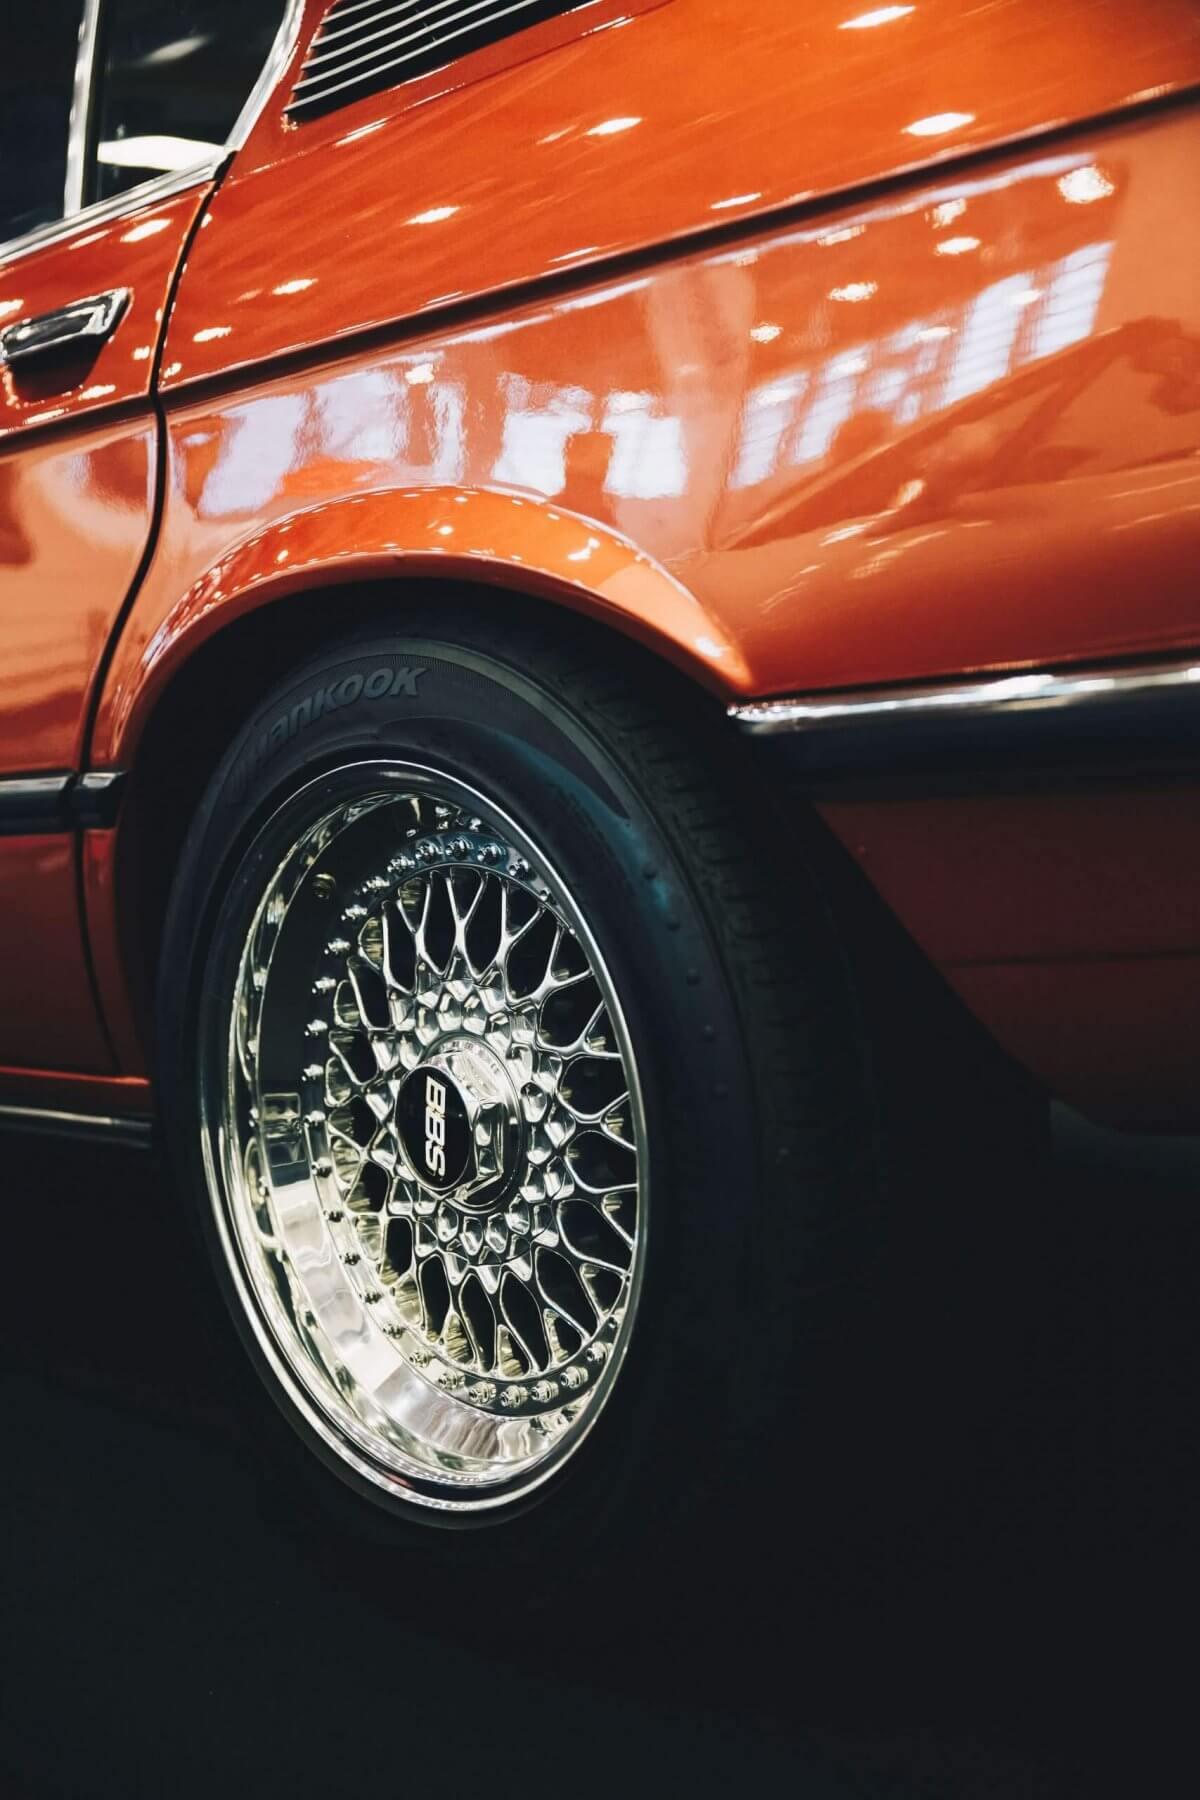 BMW Orange Body & Tyre